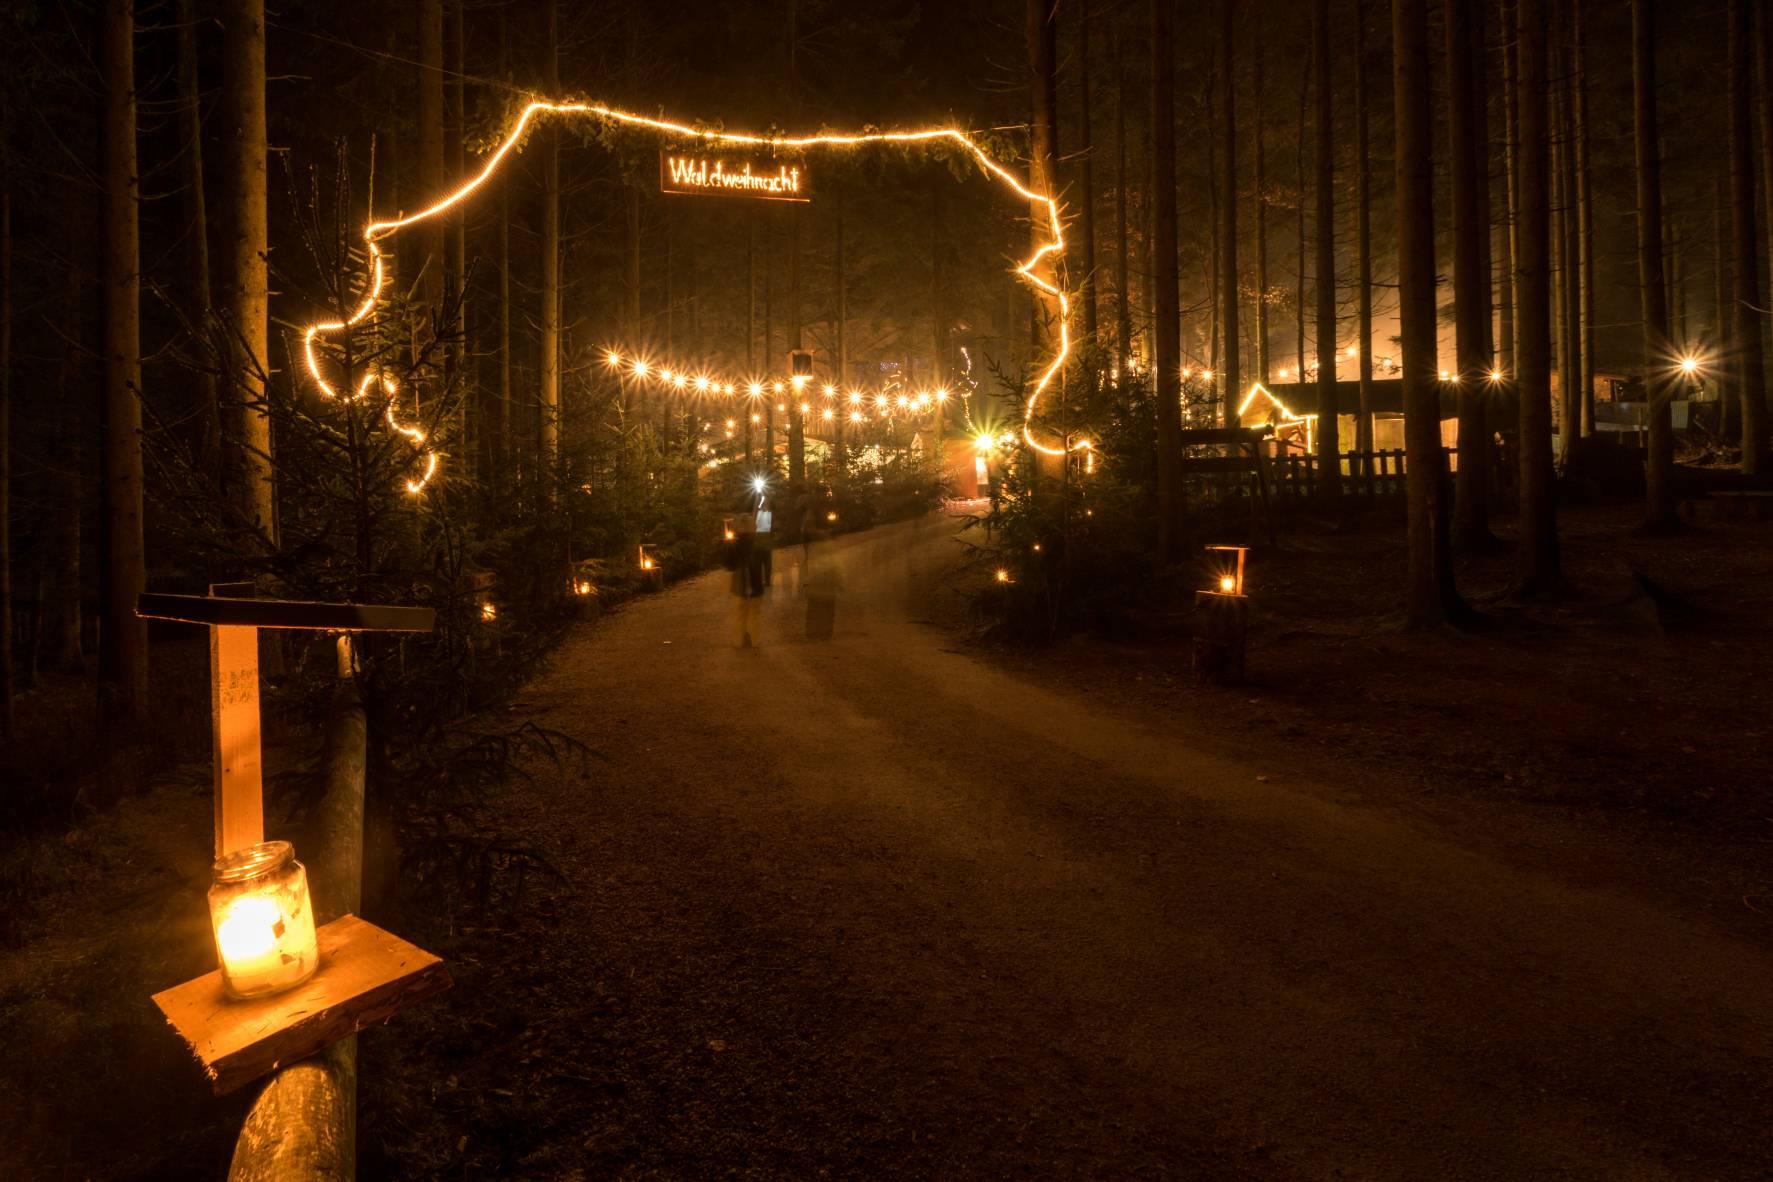 Schwimmender Weihnachtsmarkt.Willkommen Schwimmender Weihnachtsmarkt Vilshofen Und